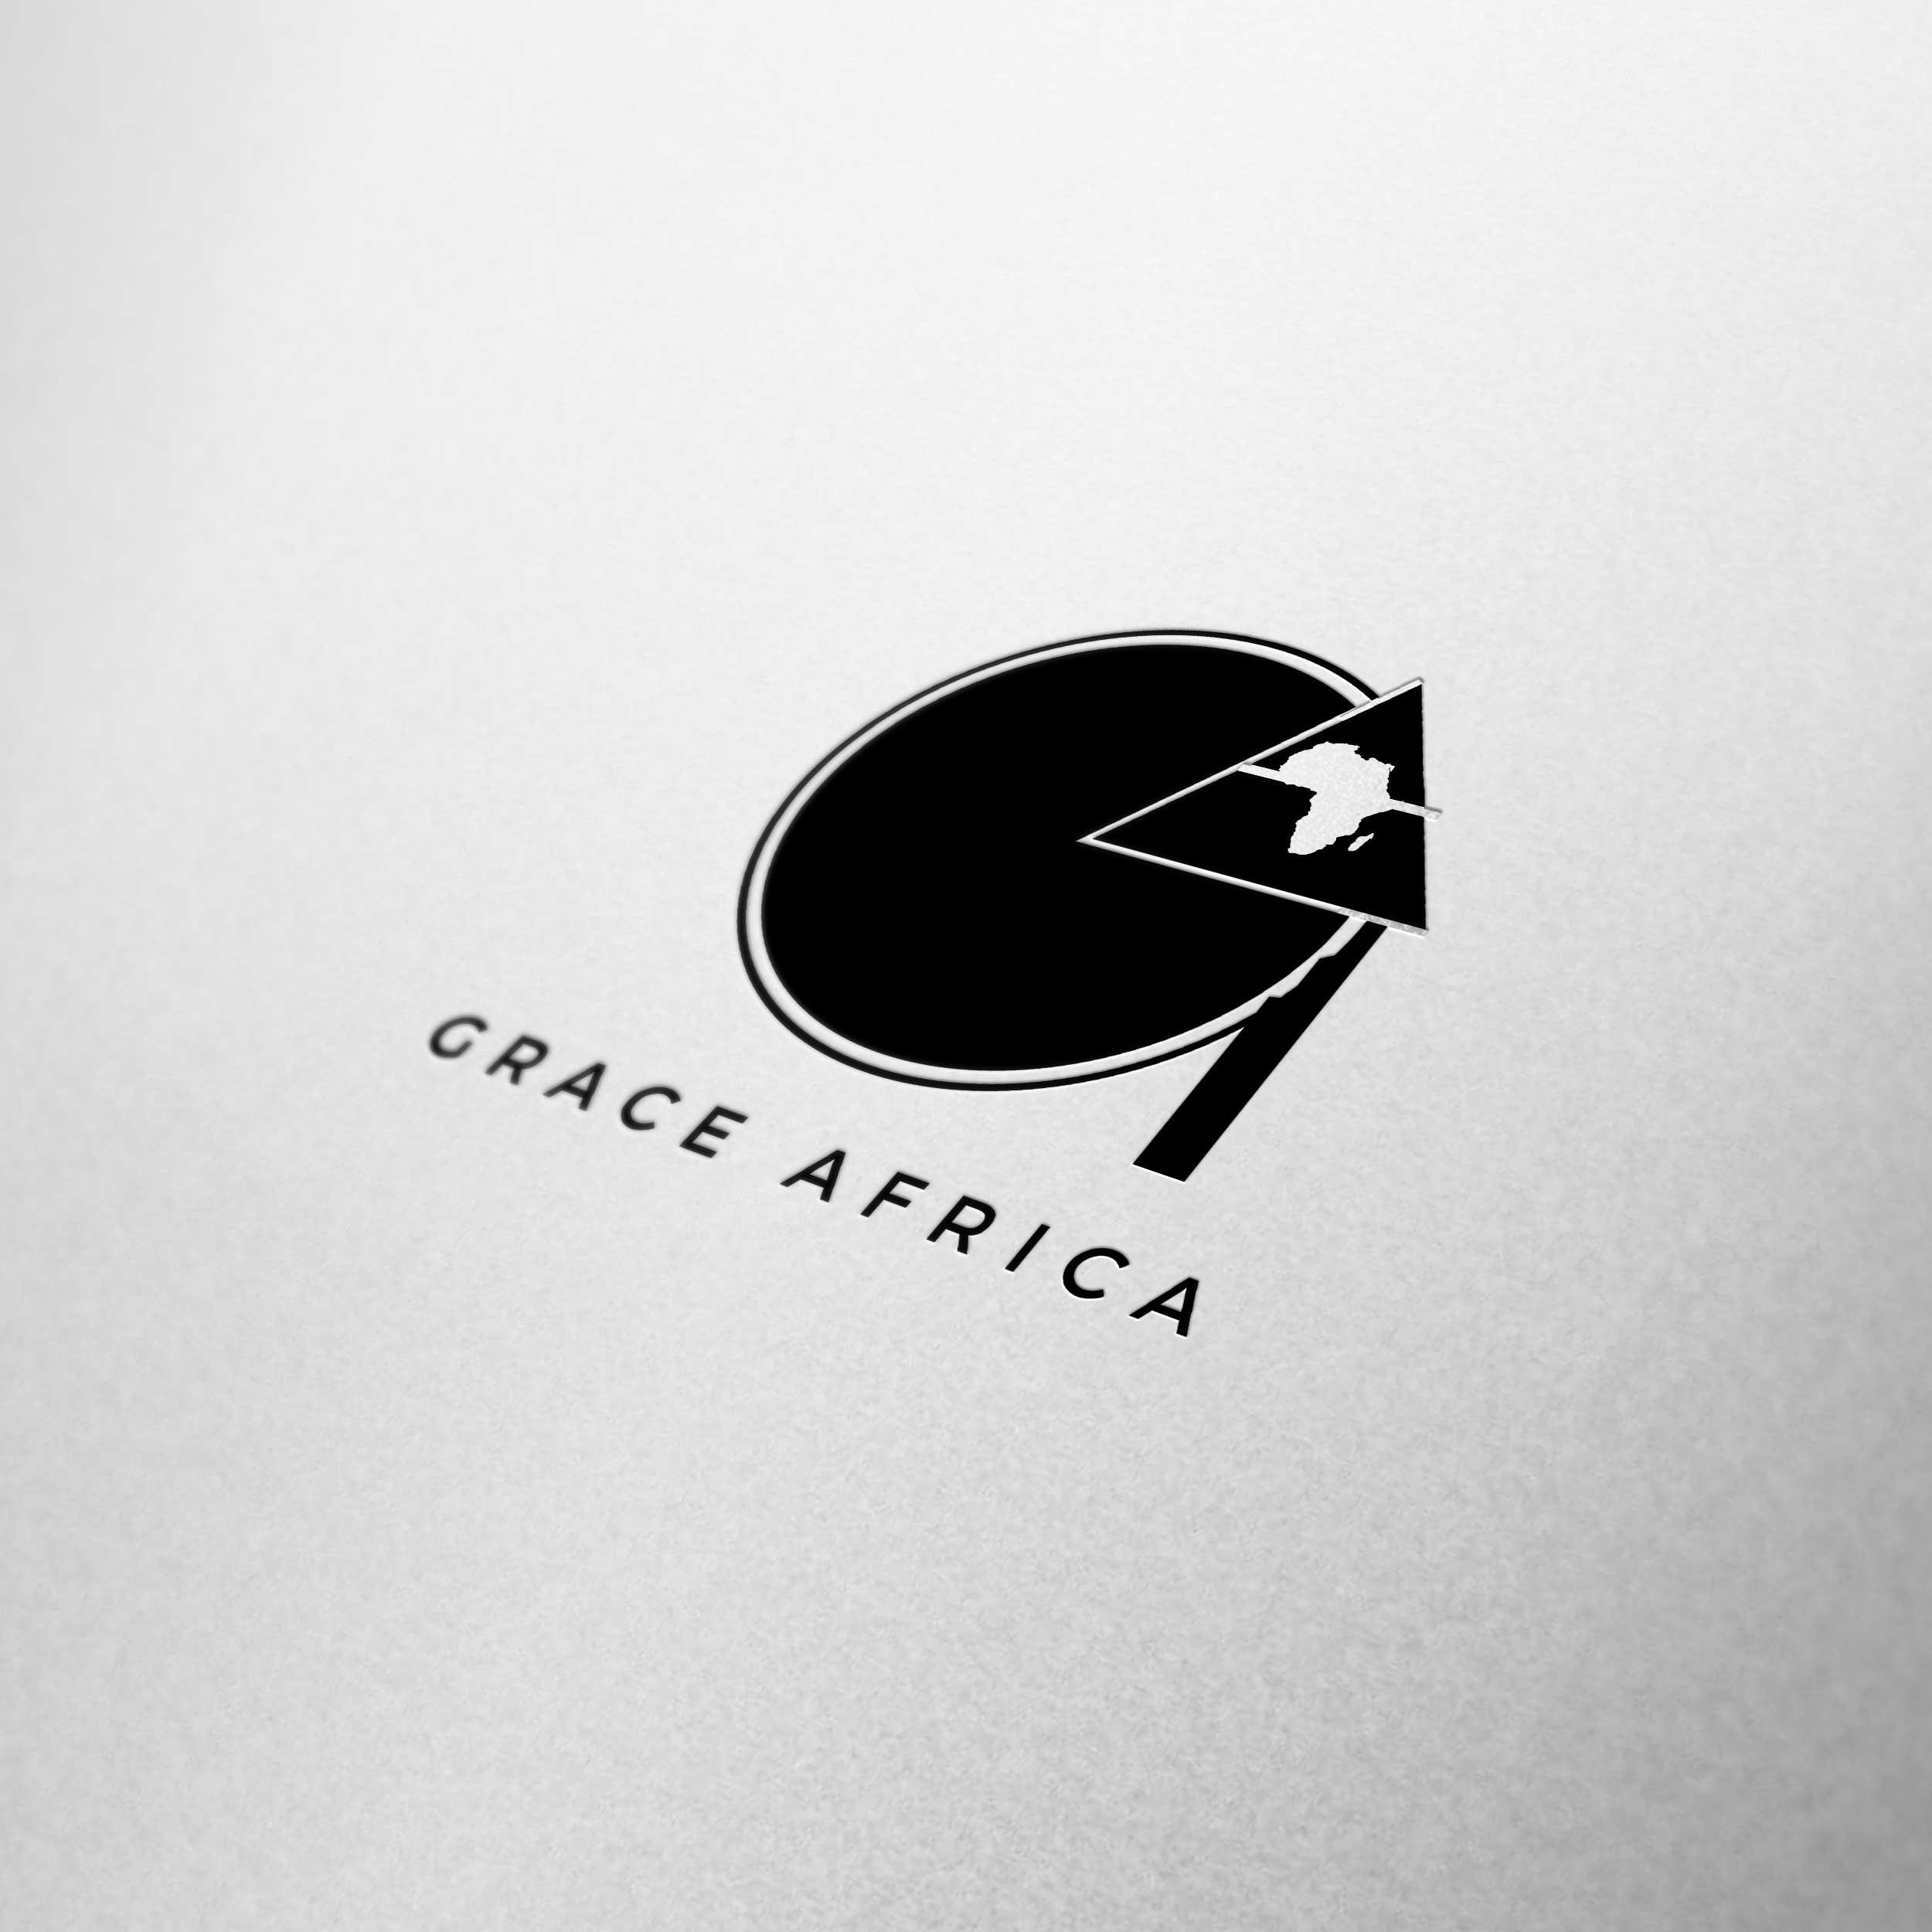 grace-africa-min